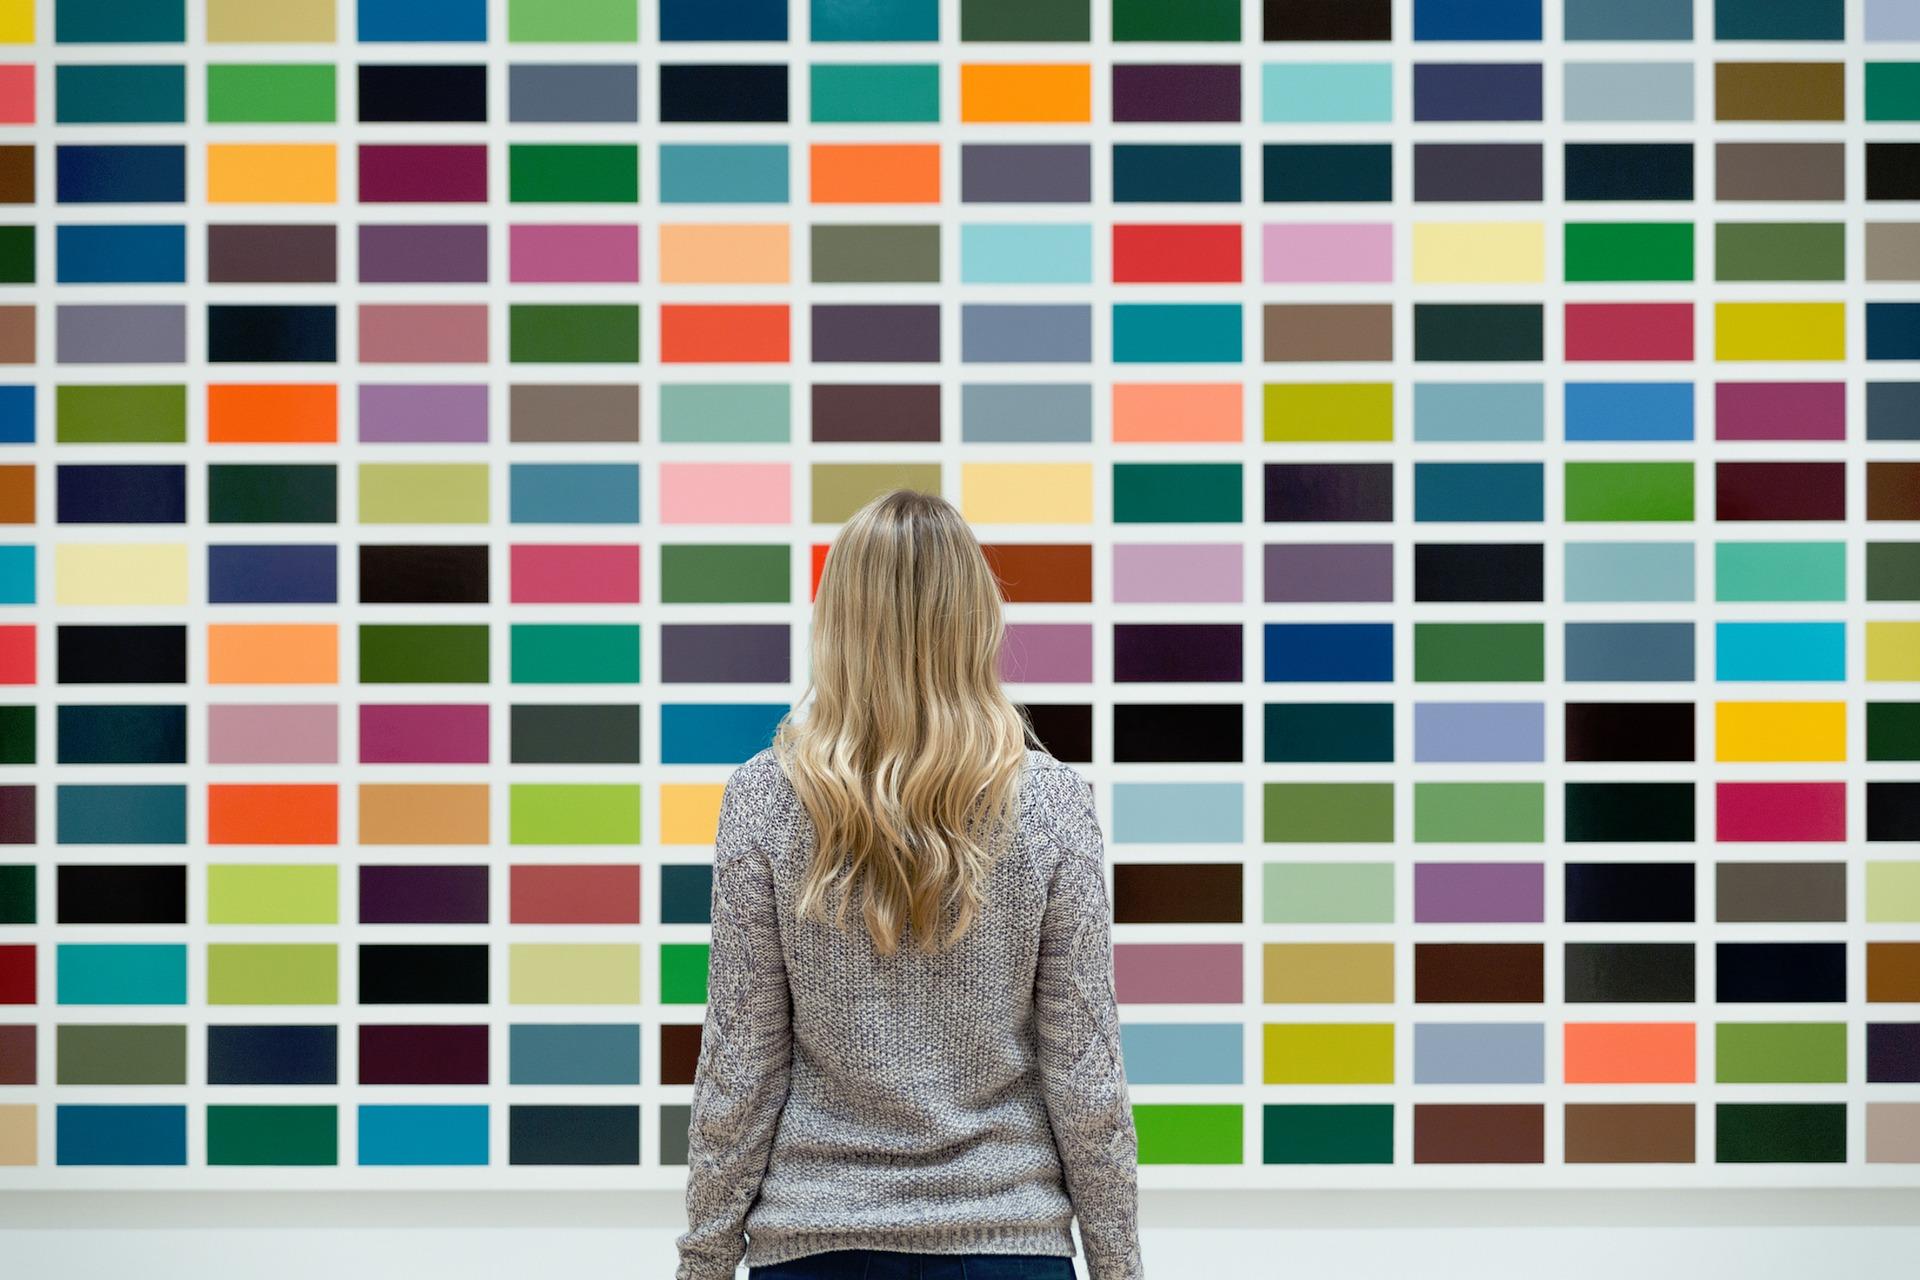 colors-2570508_1920.jpg